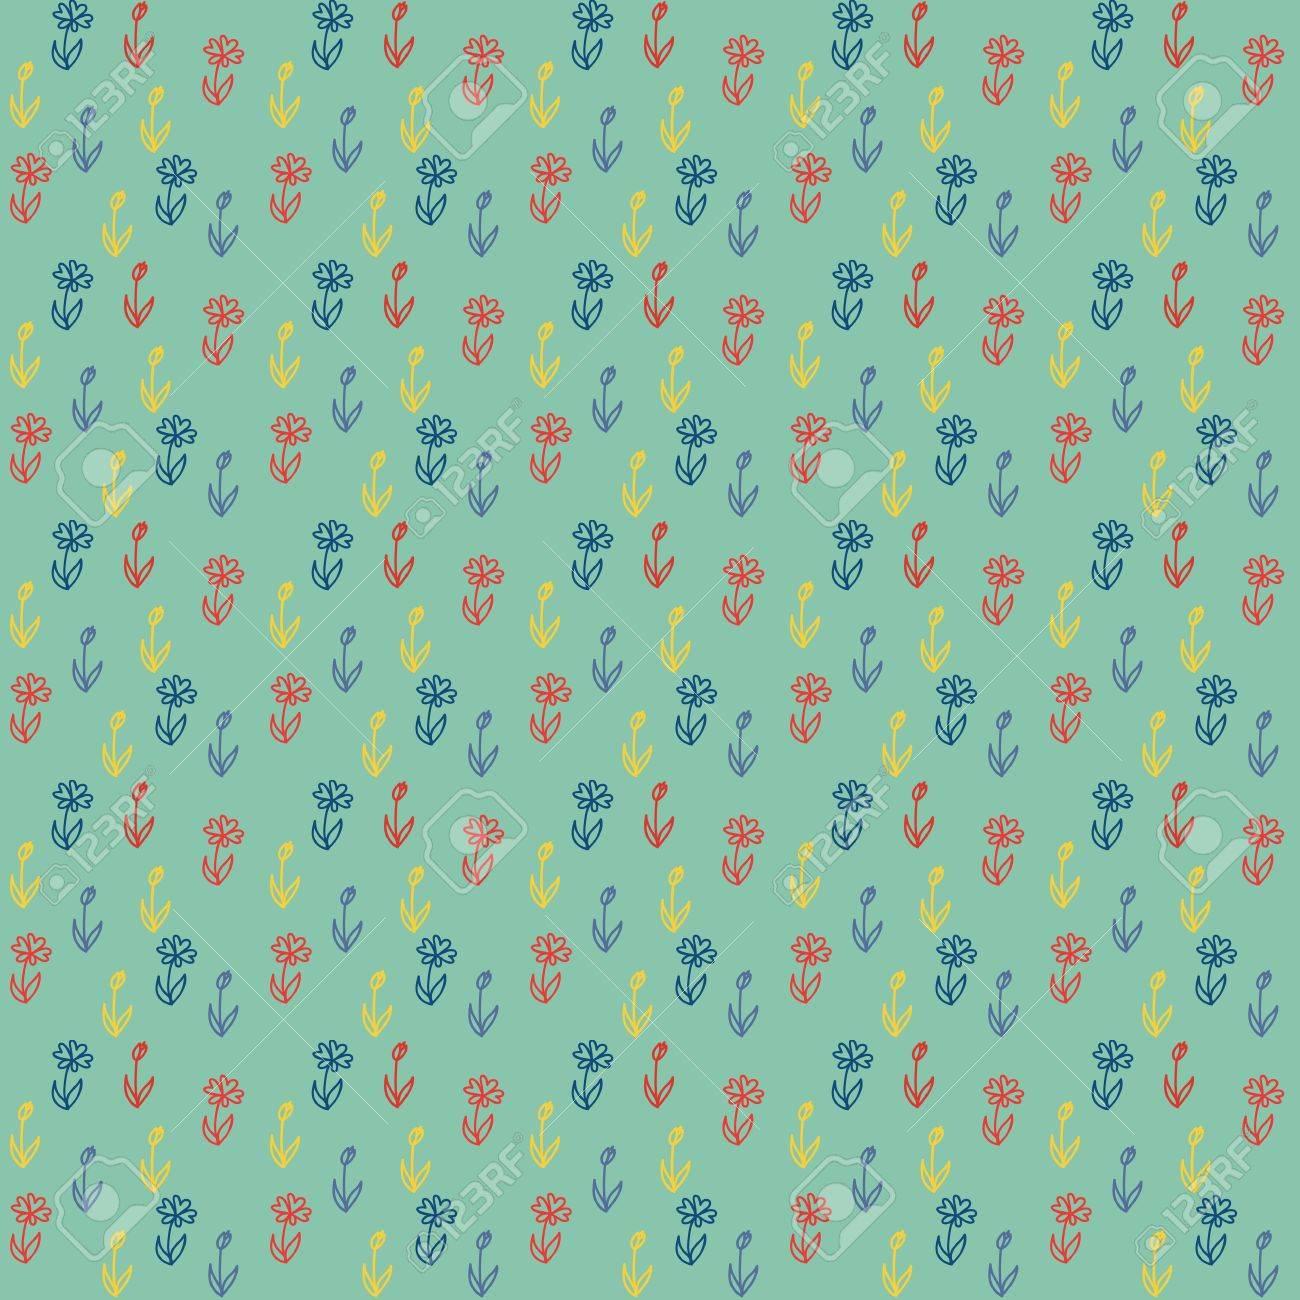 Seamless Pattern Avec Des Petites Fleurs Colorees Sur Fond Vert